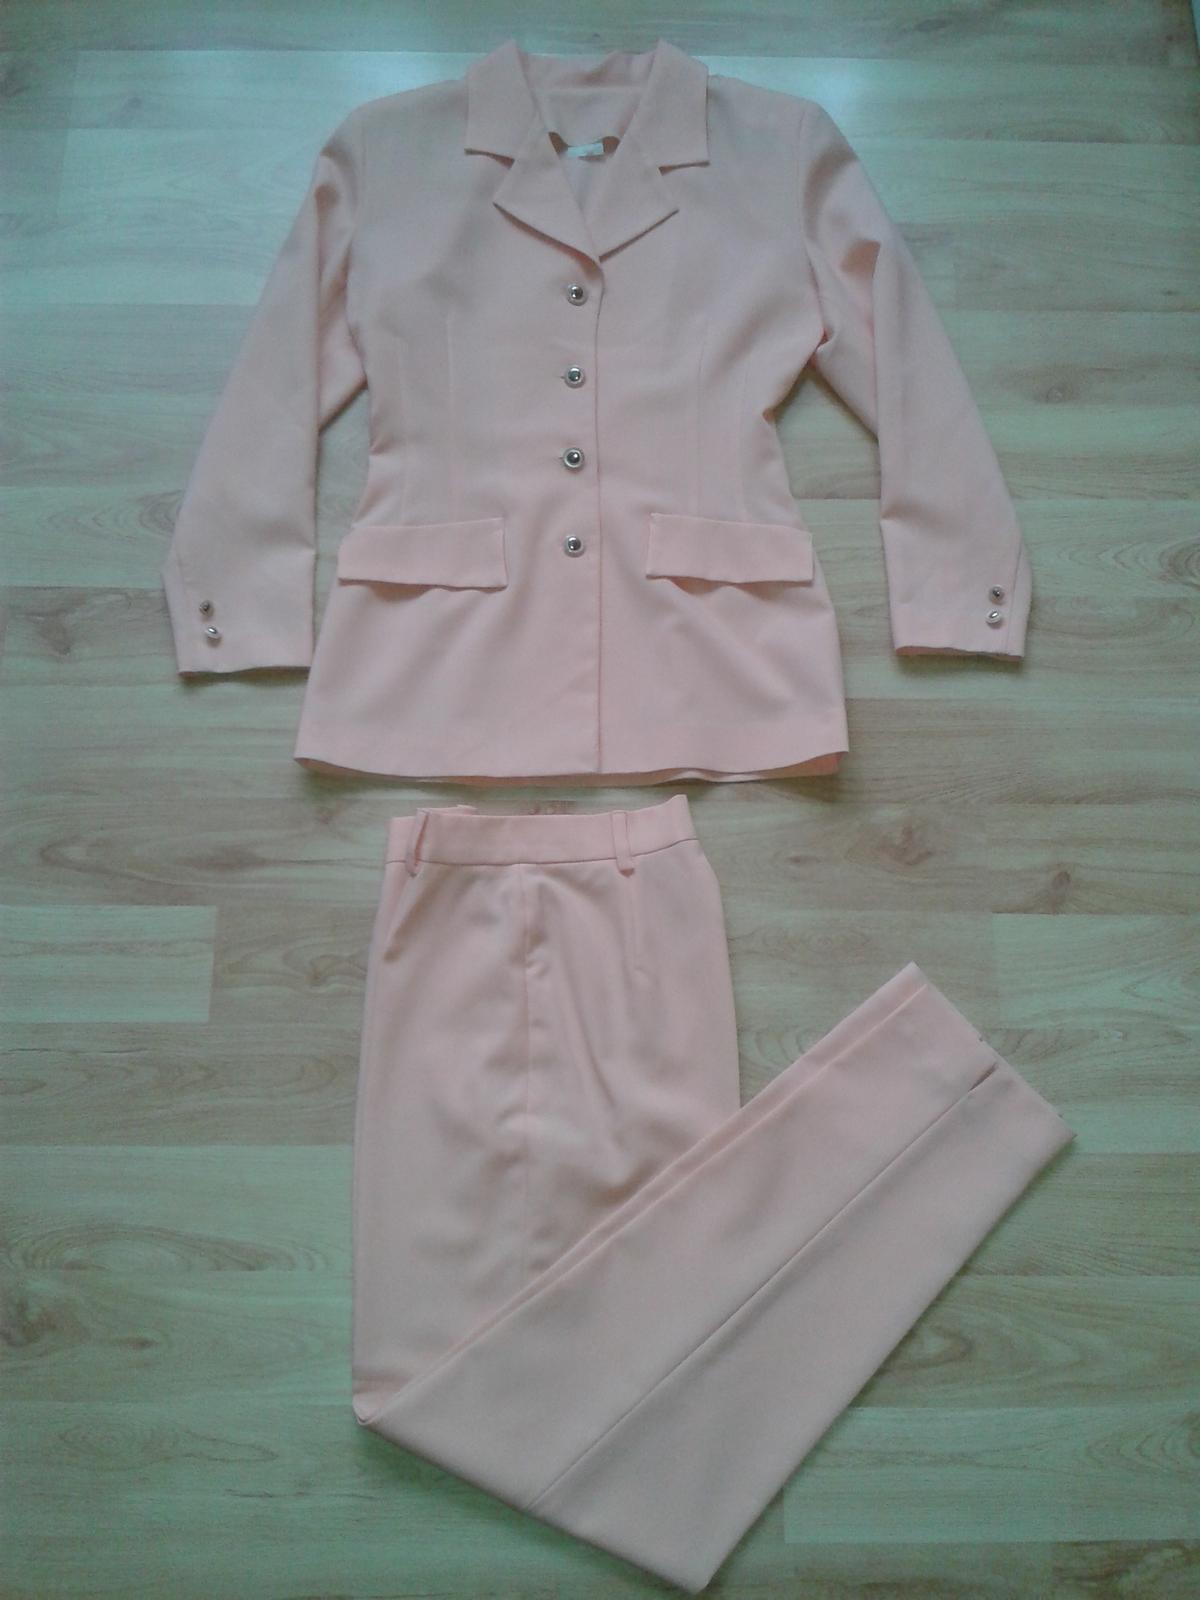 Dámsky nohavicový kostým - Obrázok č. 1